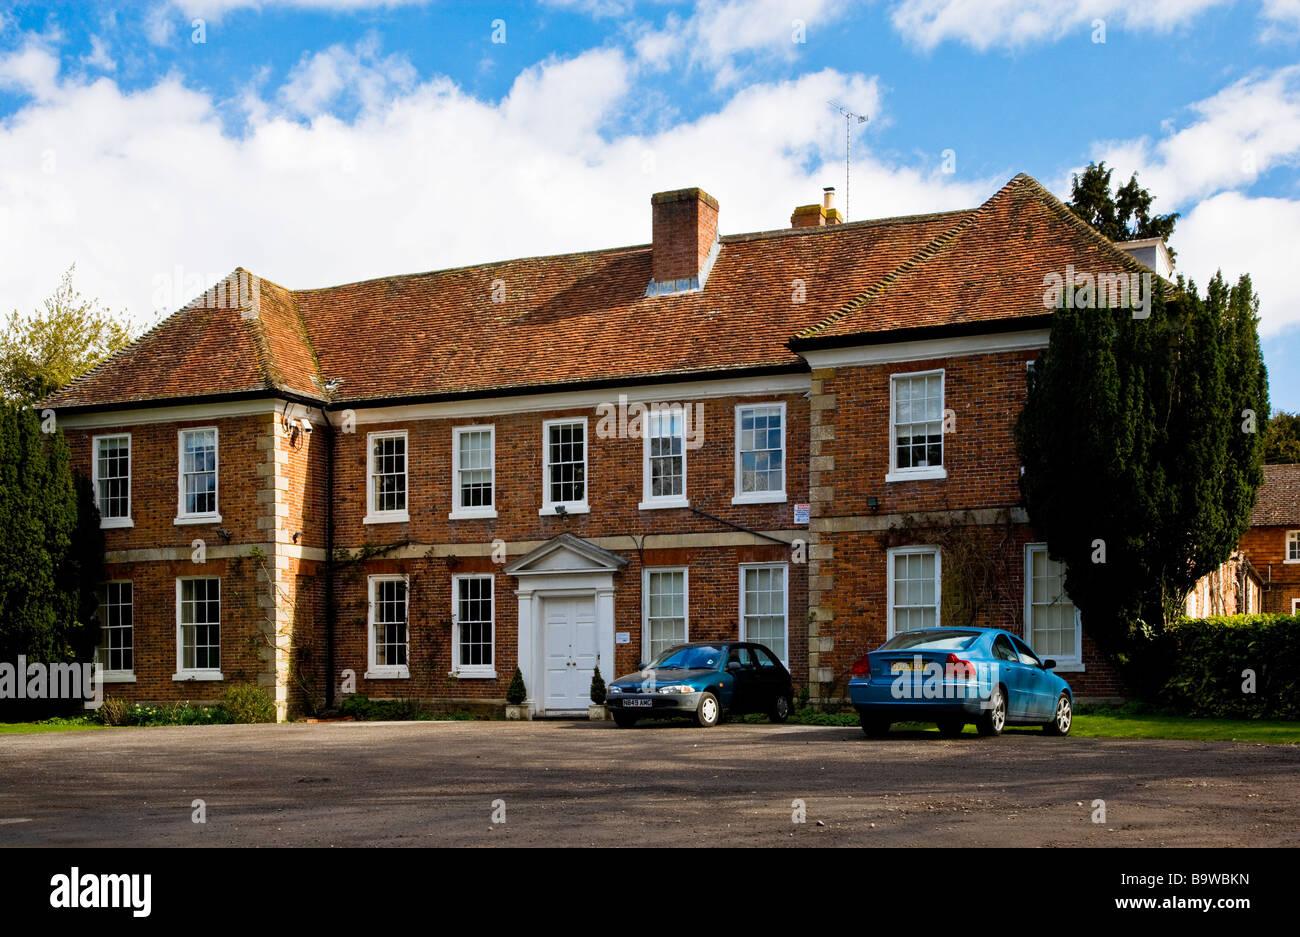 The Old Rectory un raffinato esempio di architettura Georgiana nel villaggio inglese di Pewsey nel Wiltshire, Inghilterra Immagini Stock